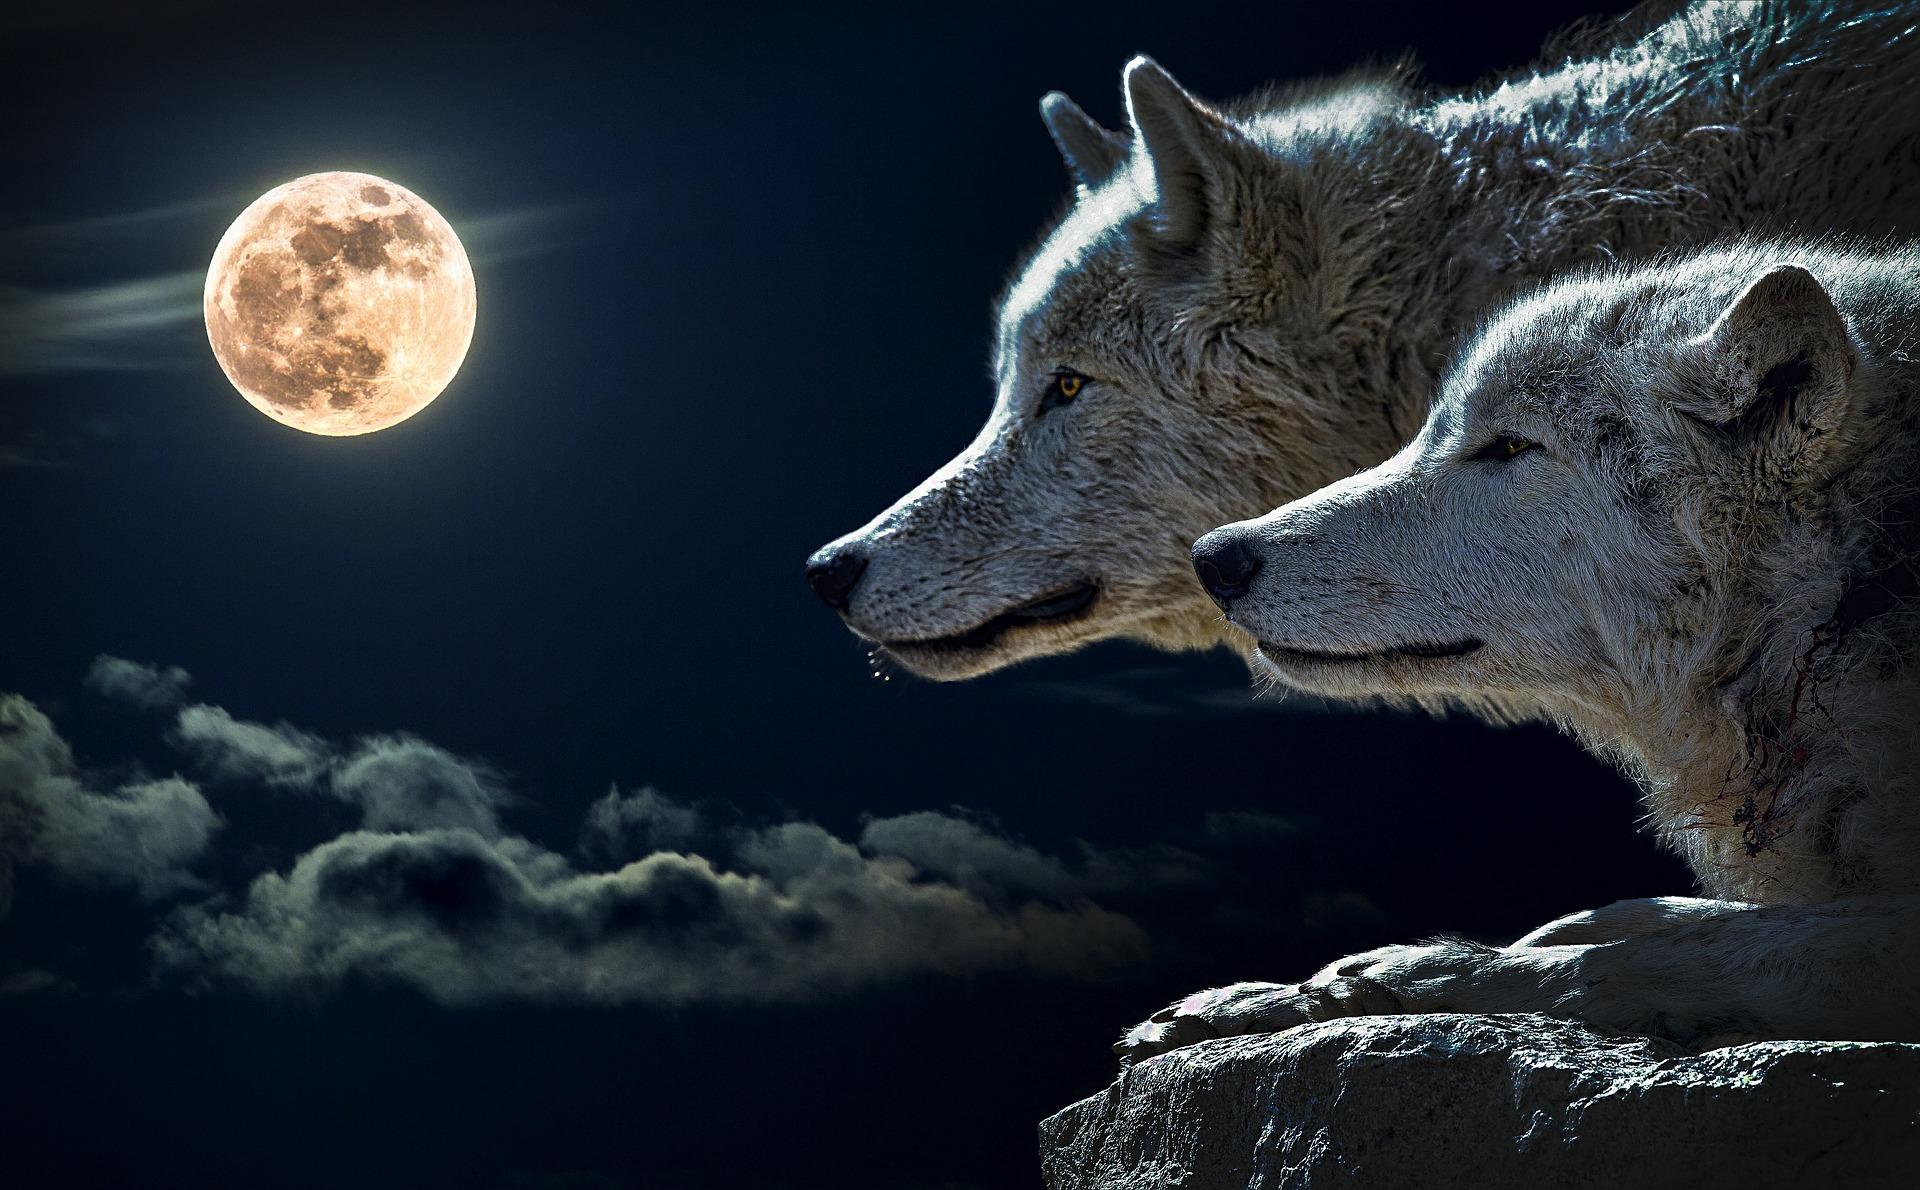 Jenji和白狼族《雙生火焰揚升報告:9:9門戶,黃金時代時間線的高潮點》